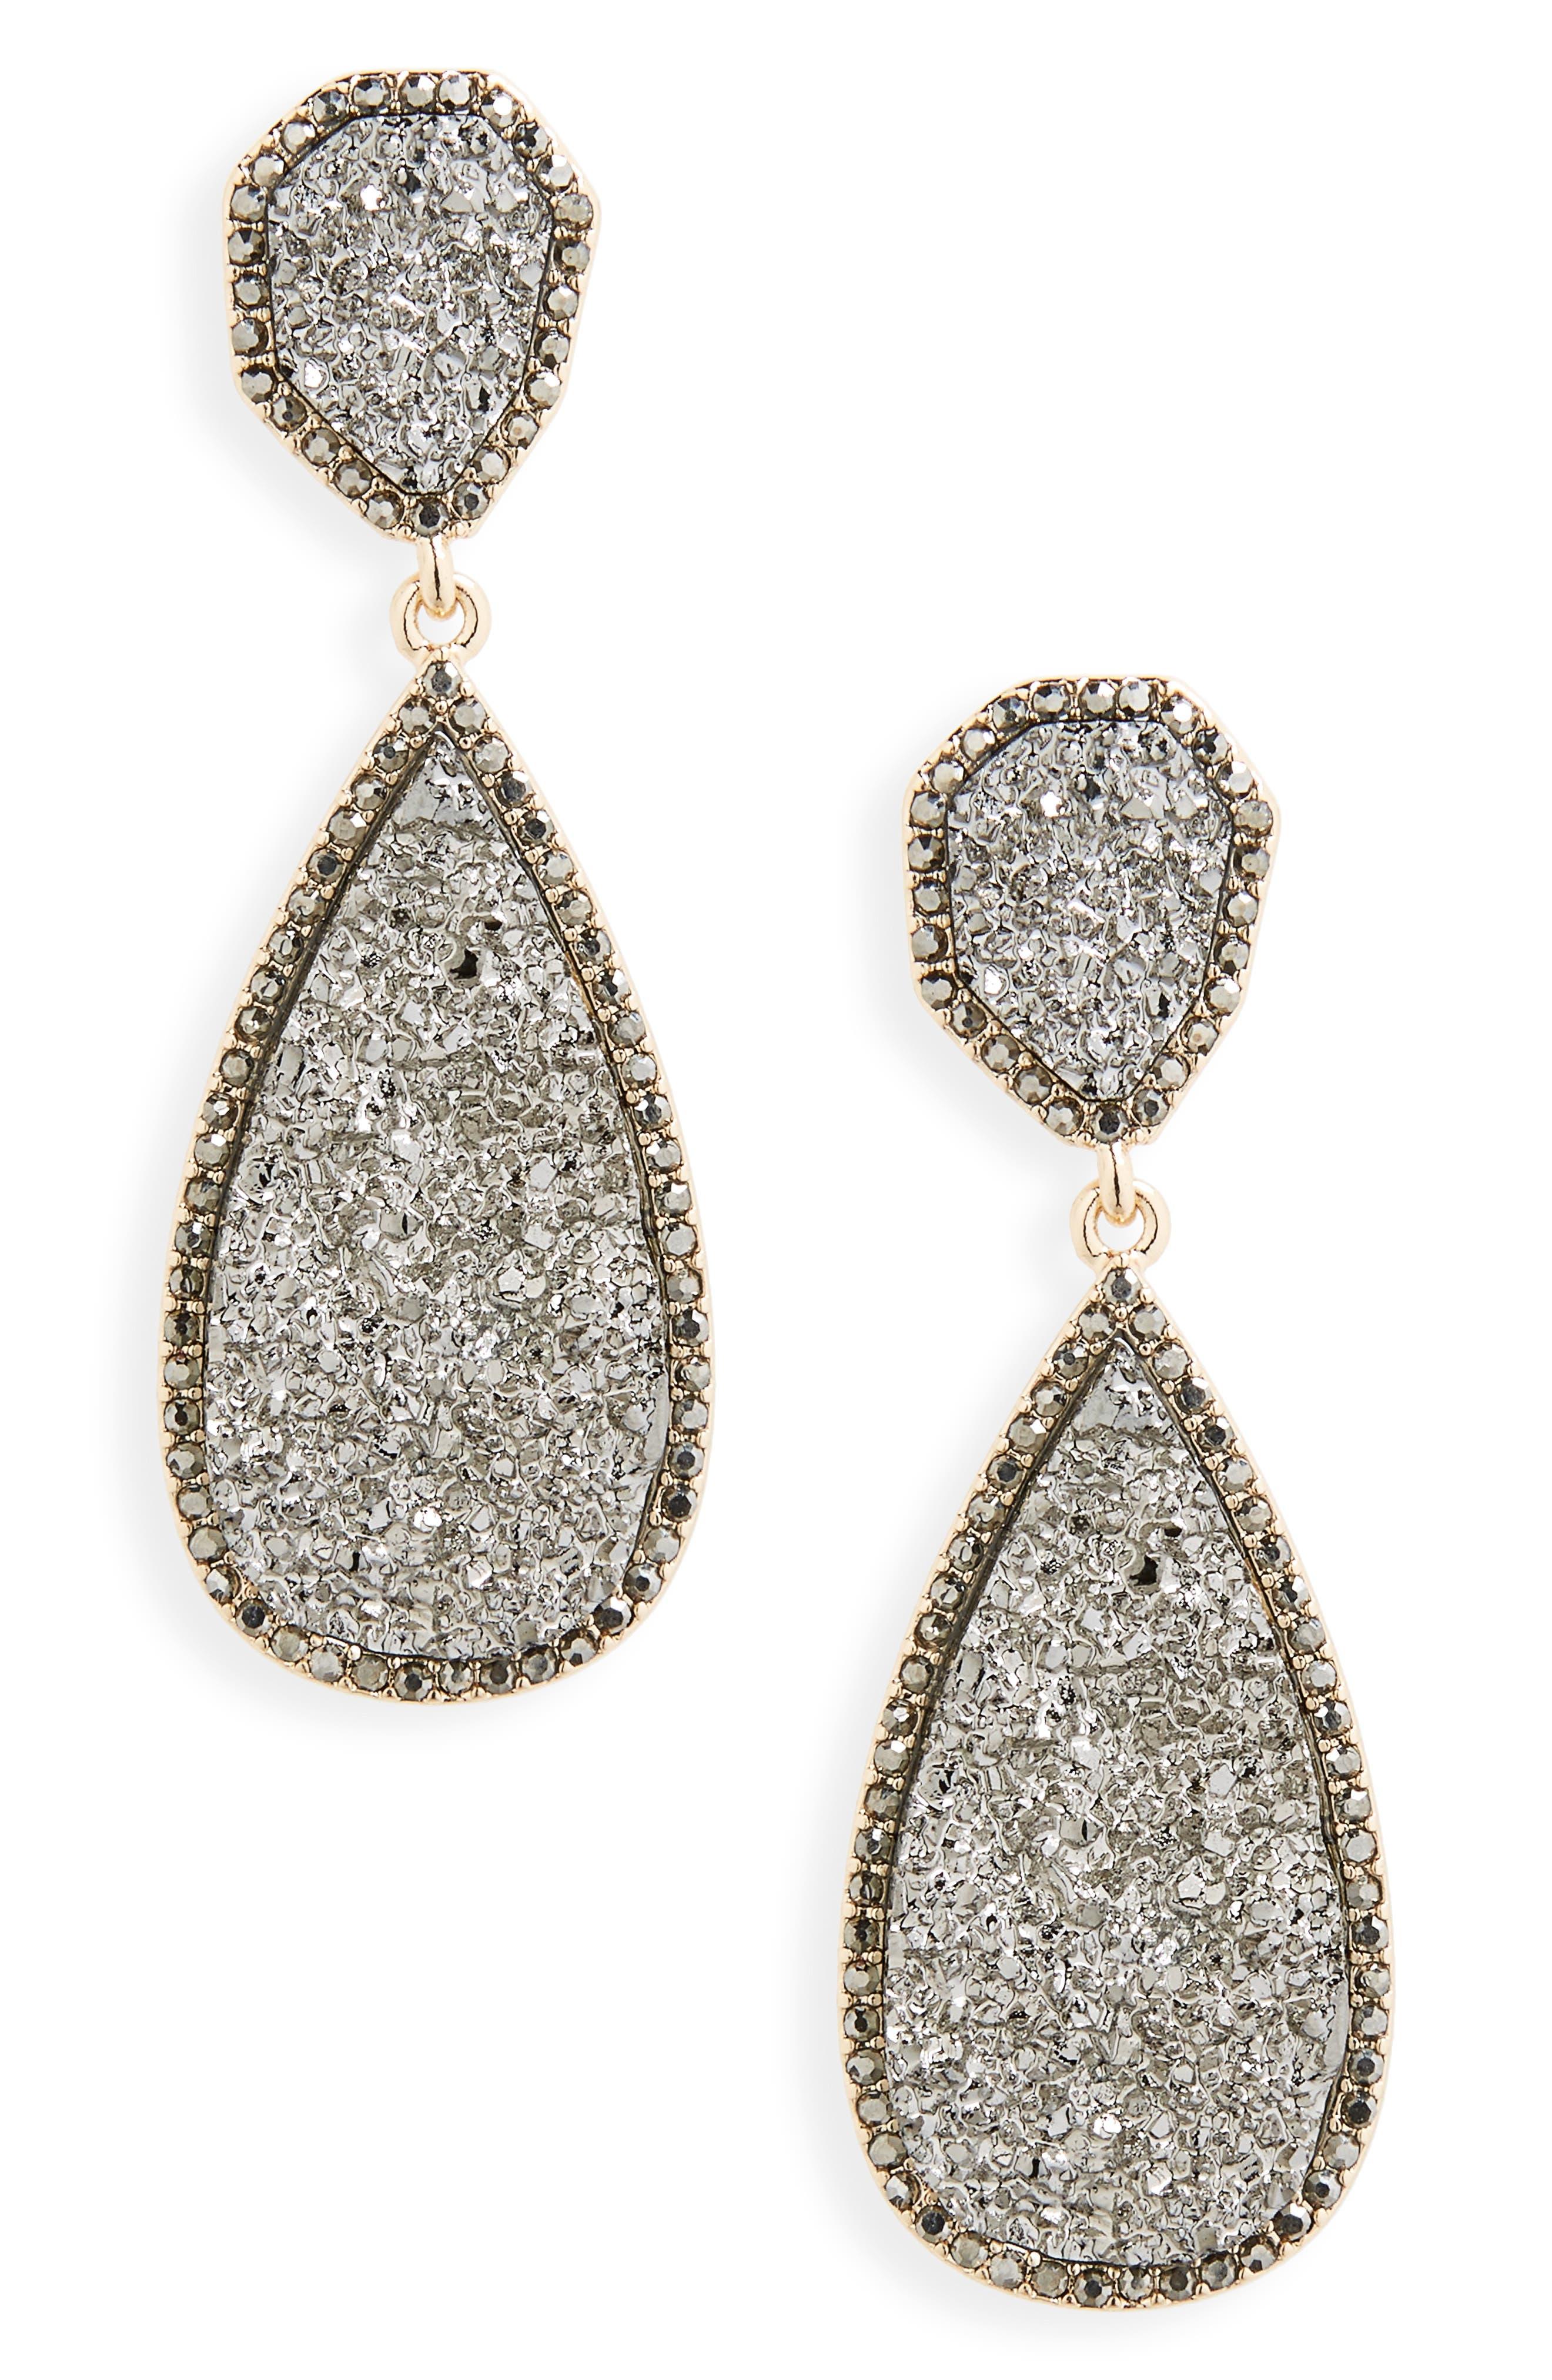 BAUBLEBAR Moonlight Drop Earrings, Main, color, MEDIUM GREY